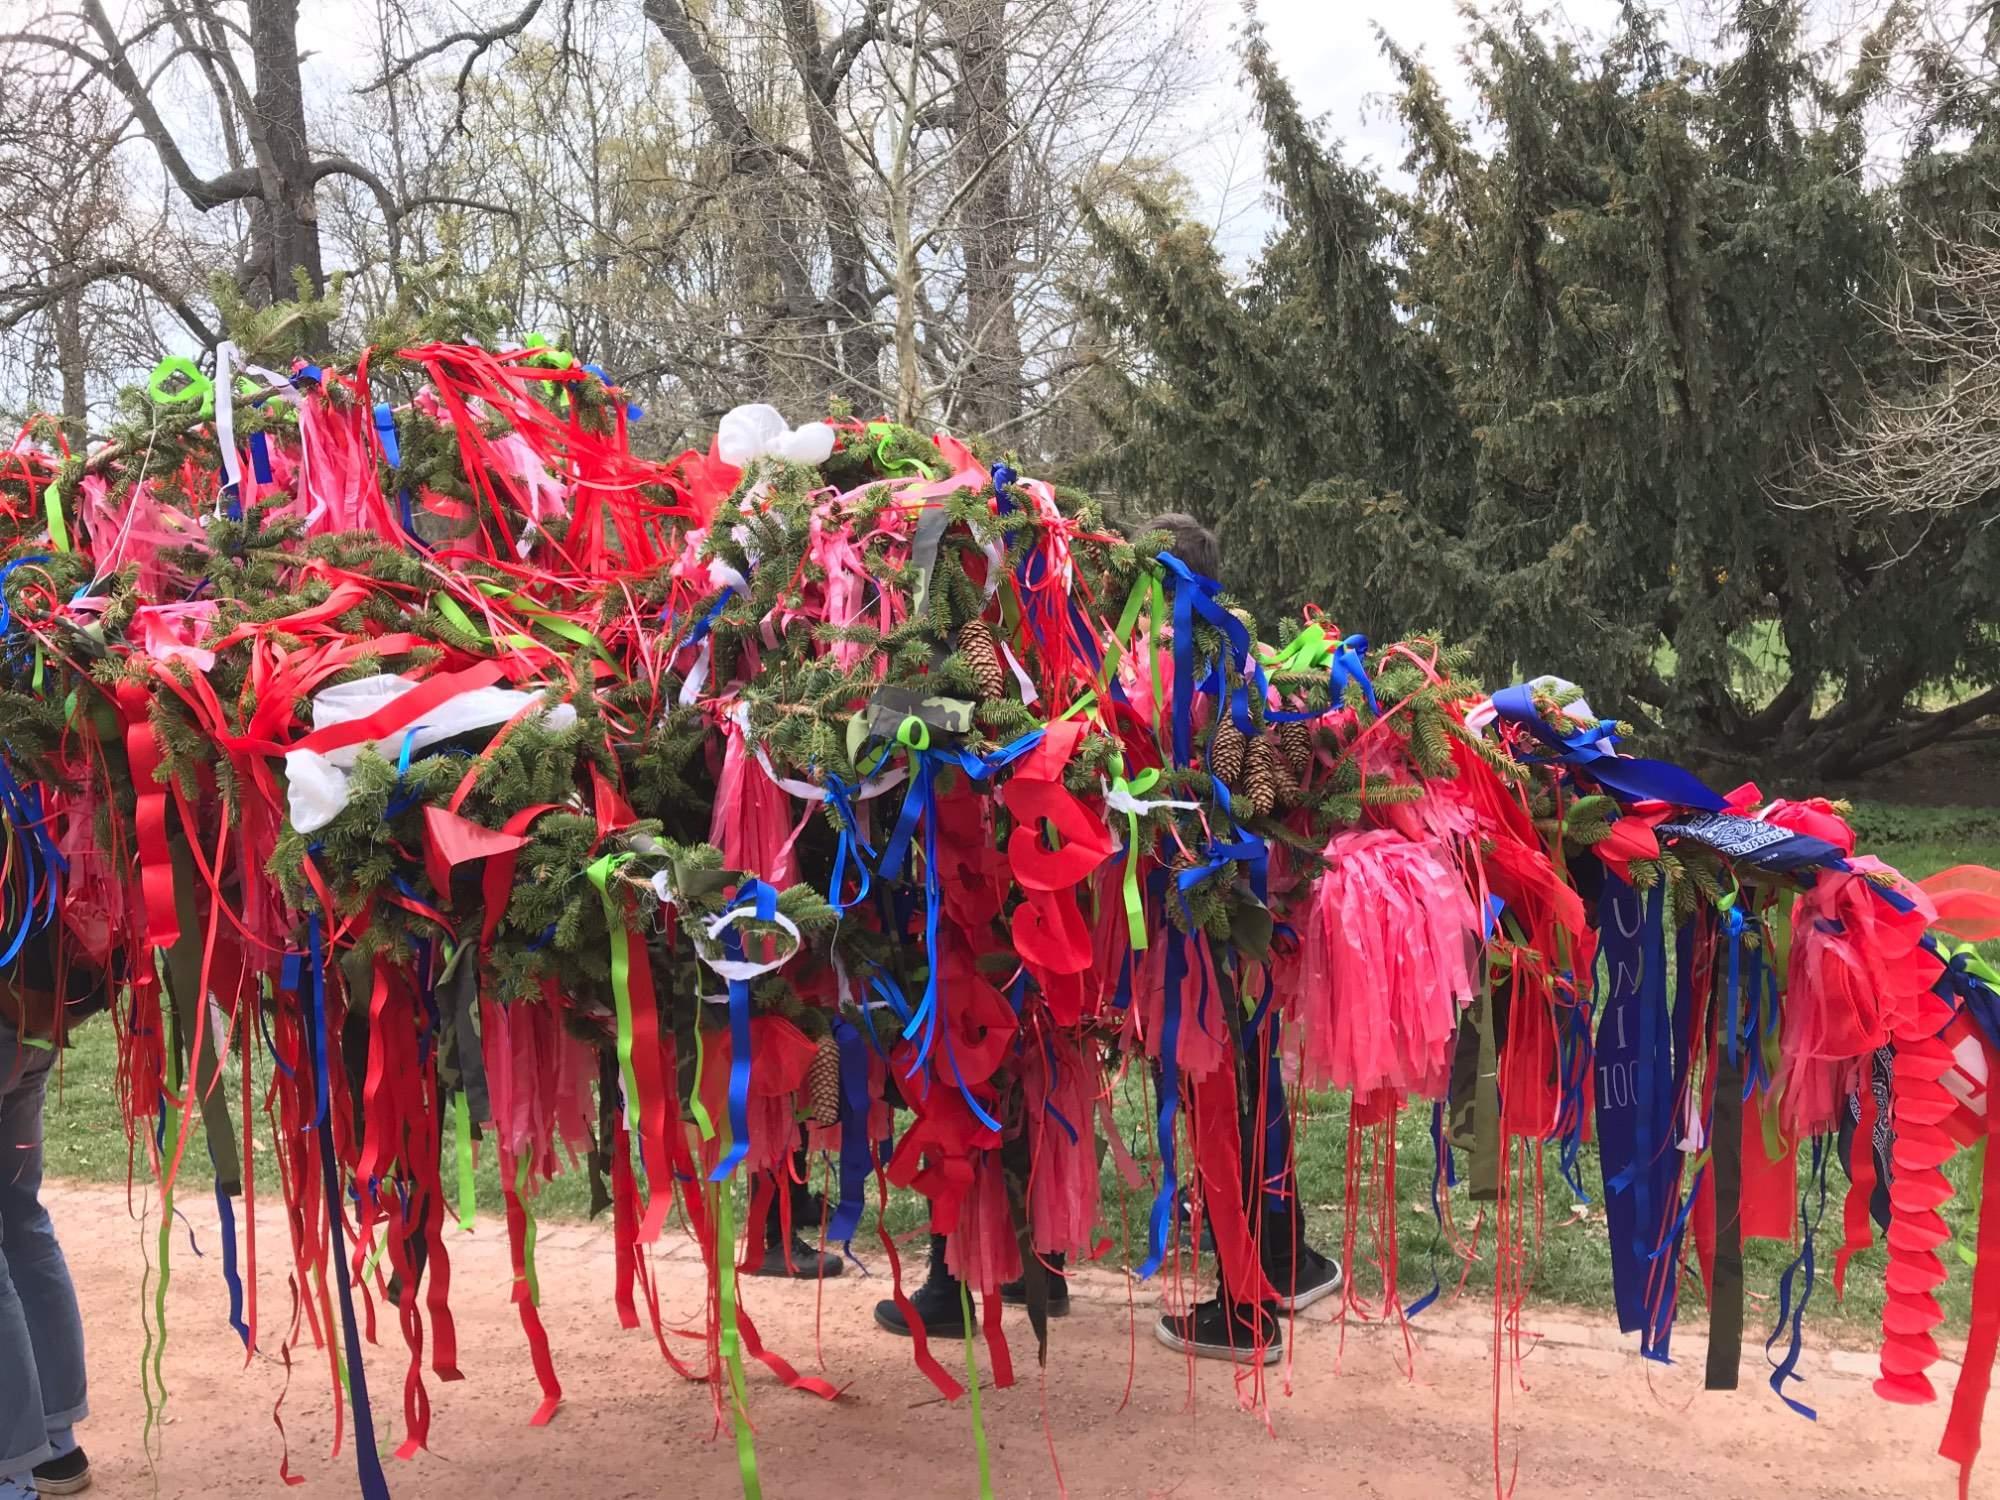 Letošní májka je zbarvená zejména do červena. Foto: Vendula Kocandová